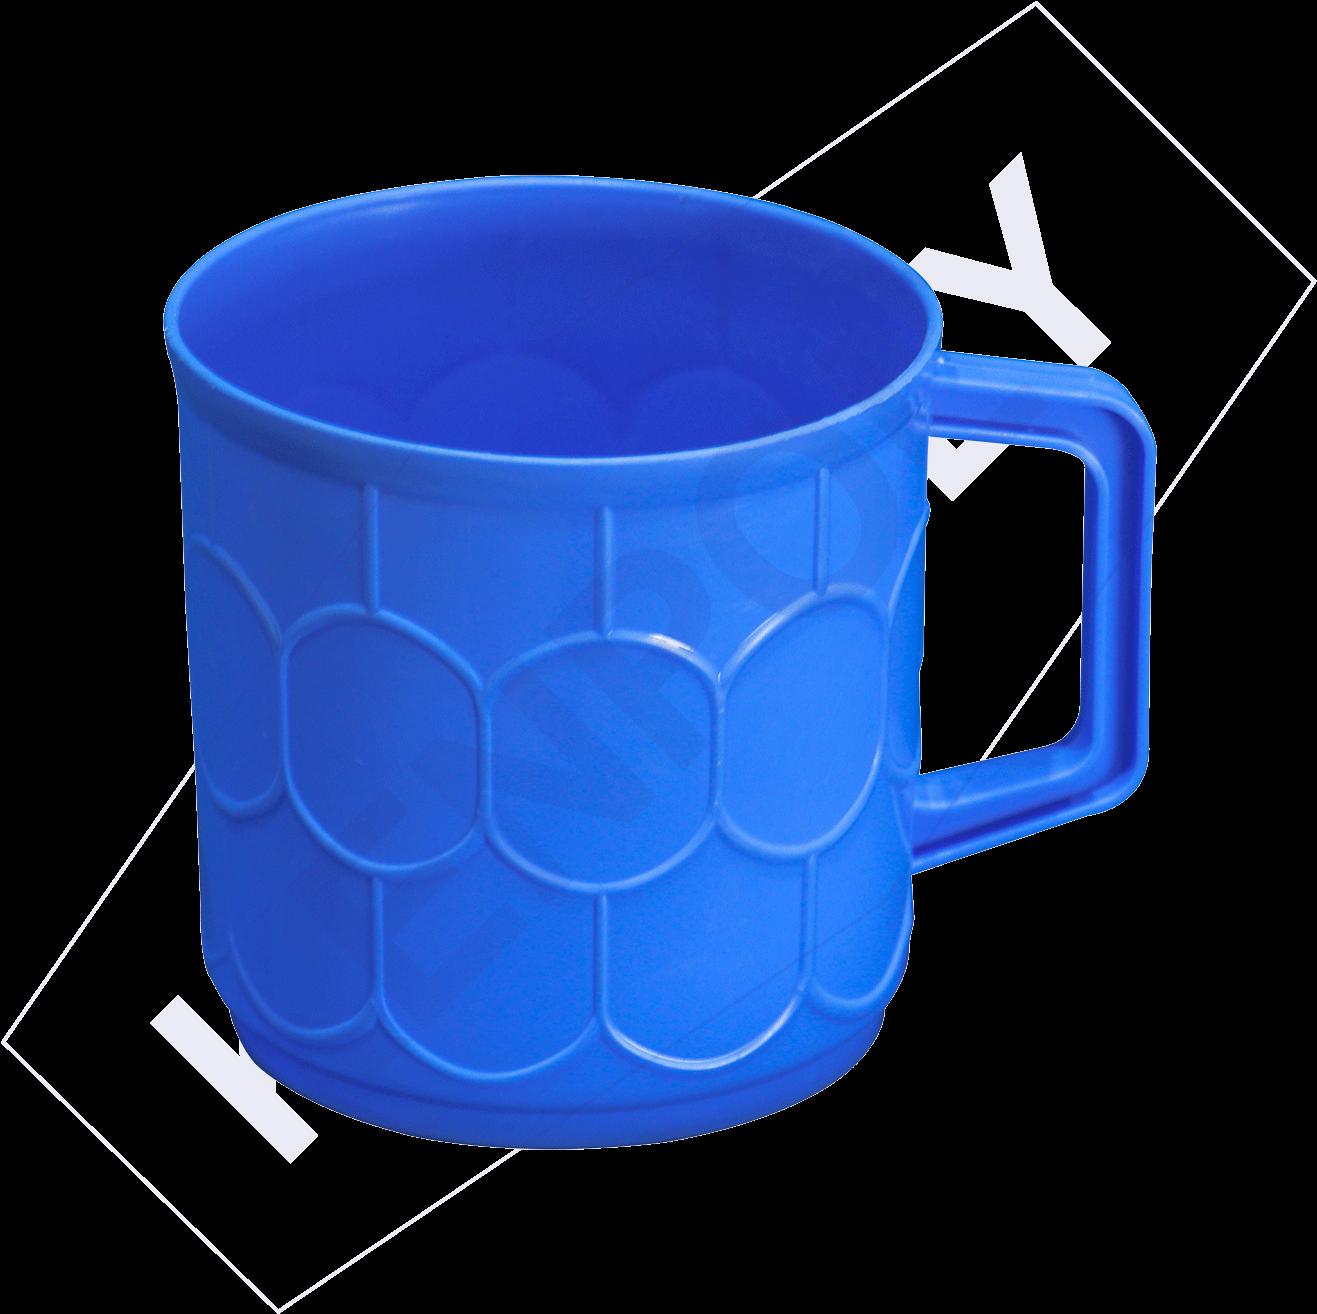 Emoji Clipart 4845*4880 transprent Png Free Download - Blue, Mug, Cobalt  Blue. - CleanPNG / KissPNG